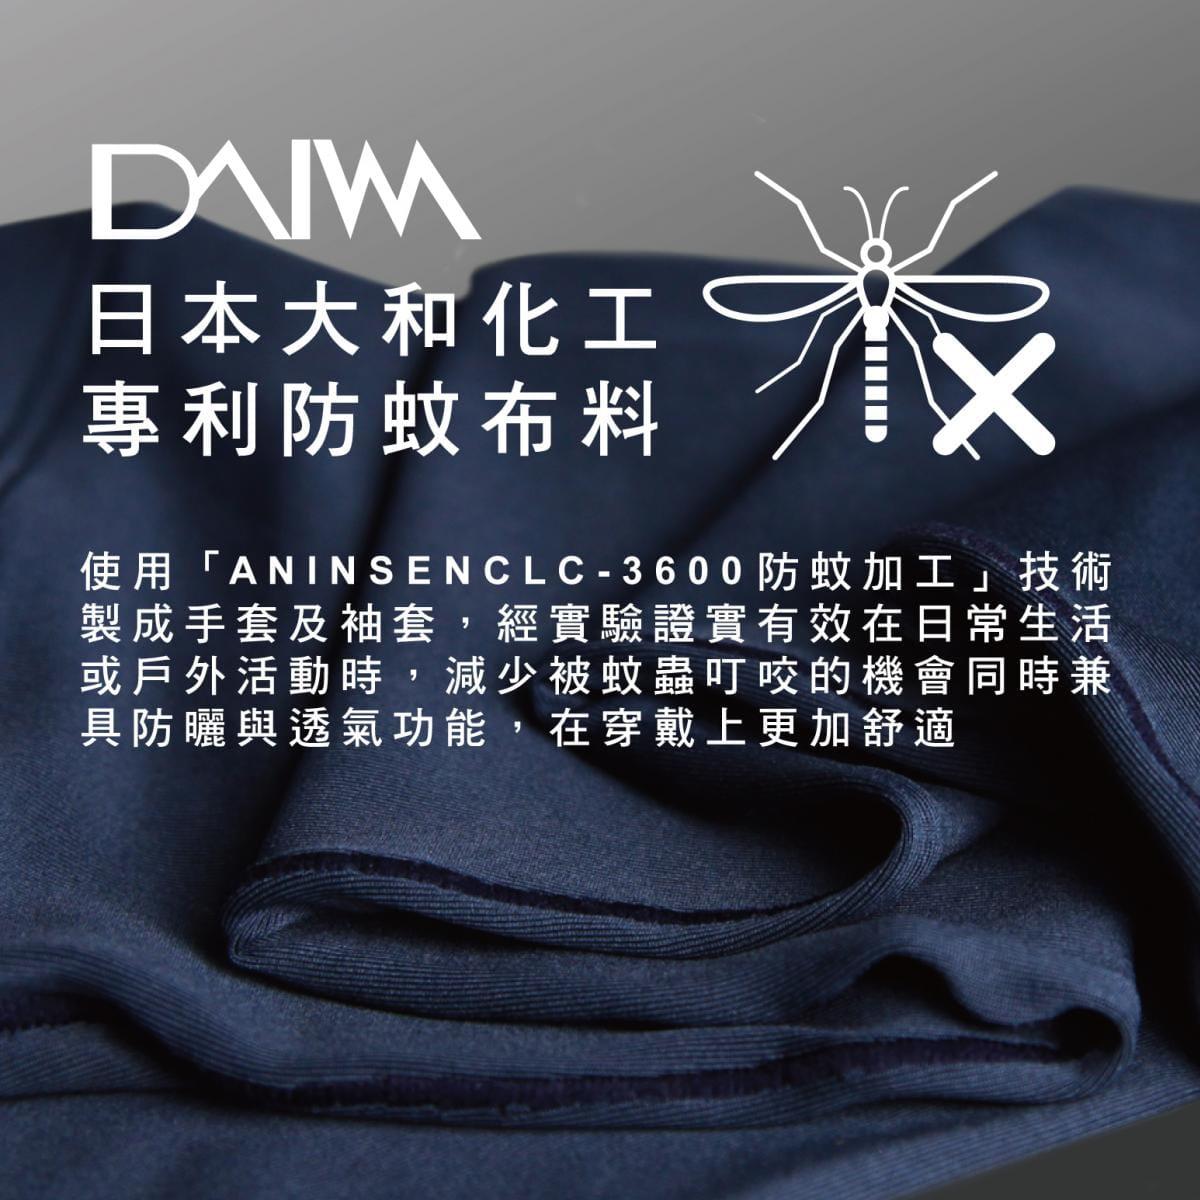 【威飛客手袋達人】【威飛客WELL FIT】抗UV防蚊扣指袖套 2